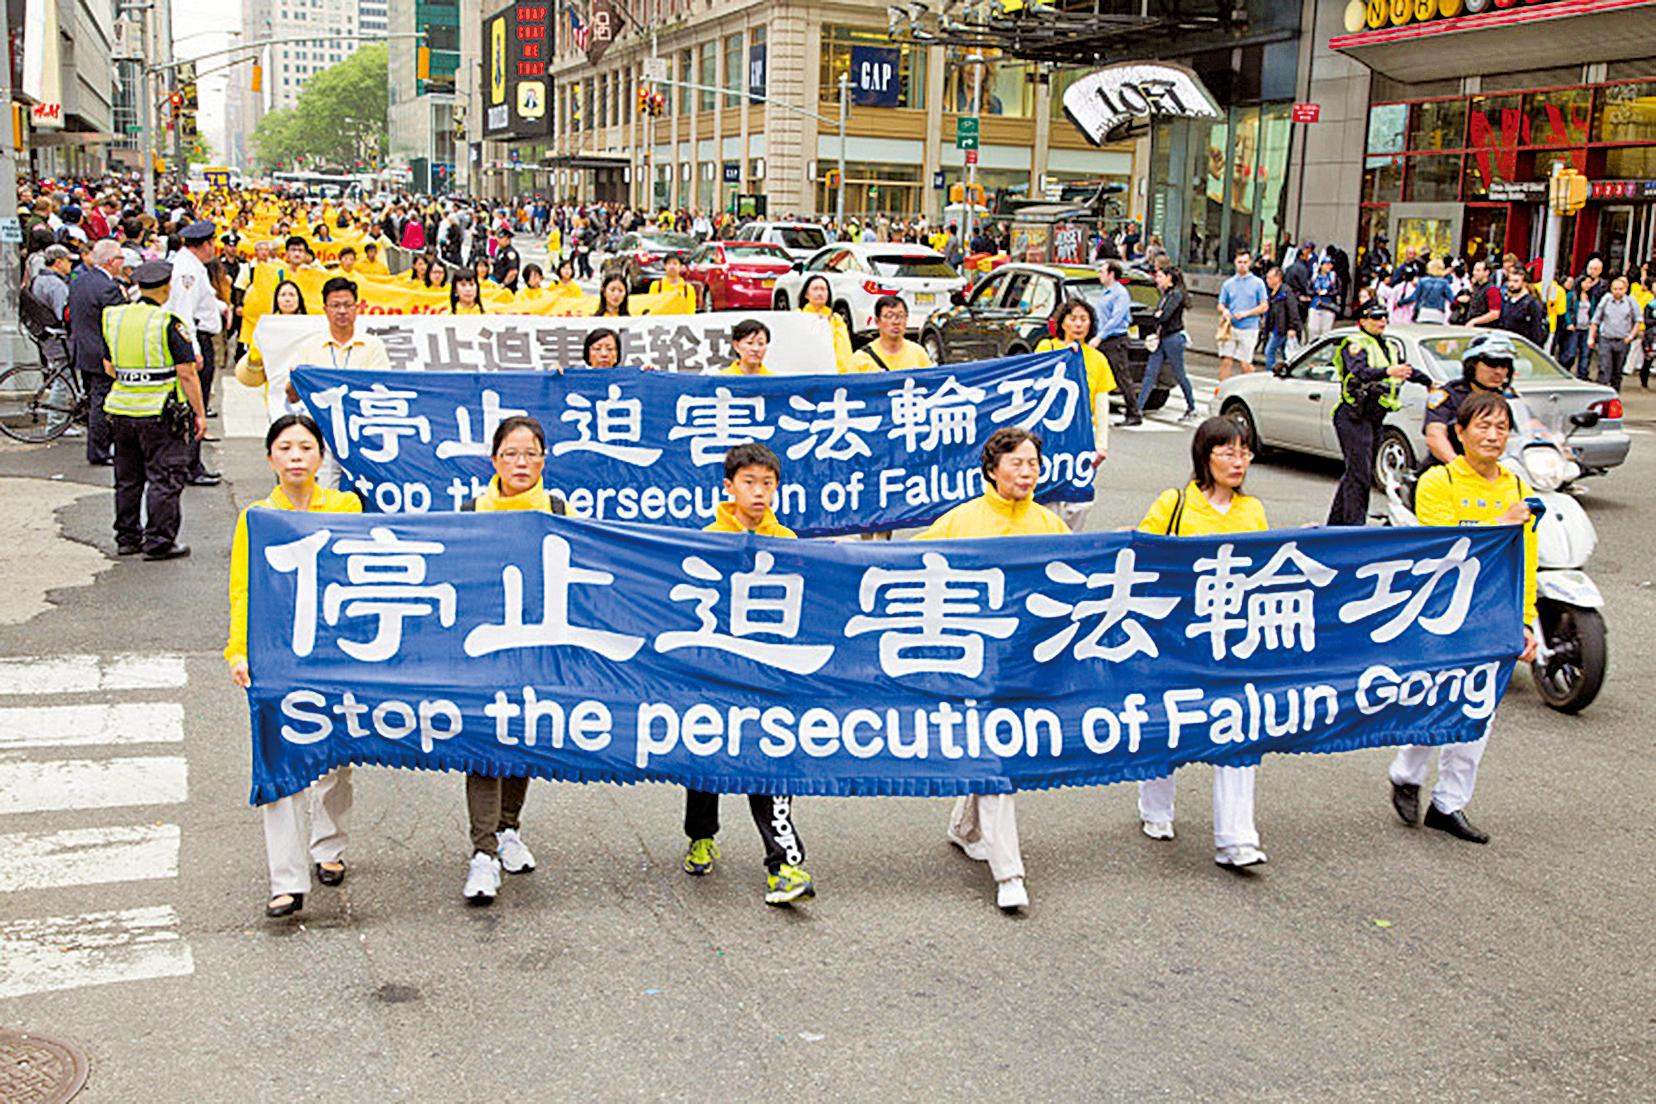 2016年5月13日,第17屆法輪大法日,上萬名法輪功學員及民眾,在紐約曼哈頓舉行盛大遊行,呼籲中共「停止迫害法輪功」。(大紀元資料室)